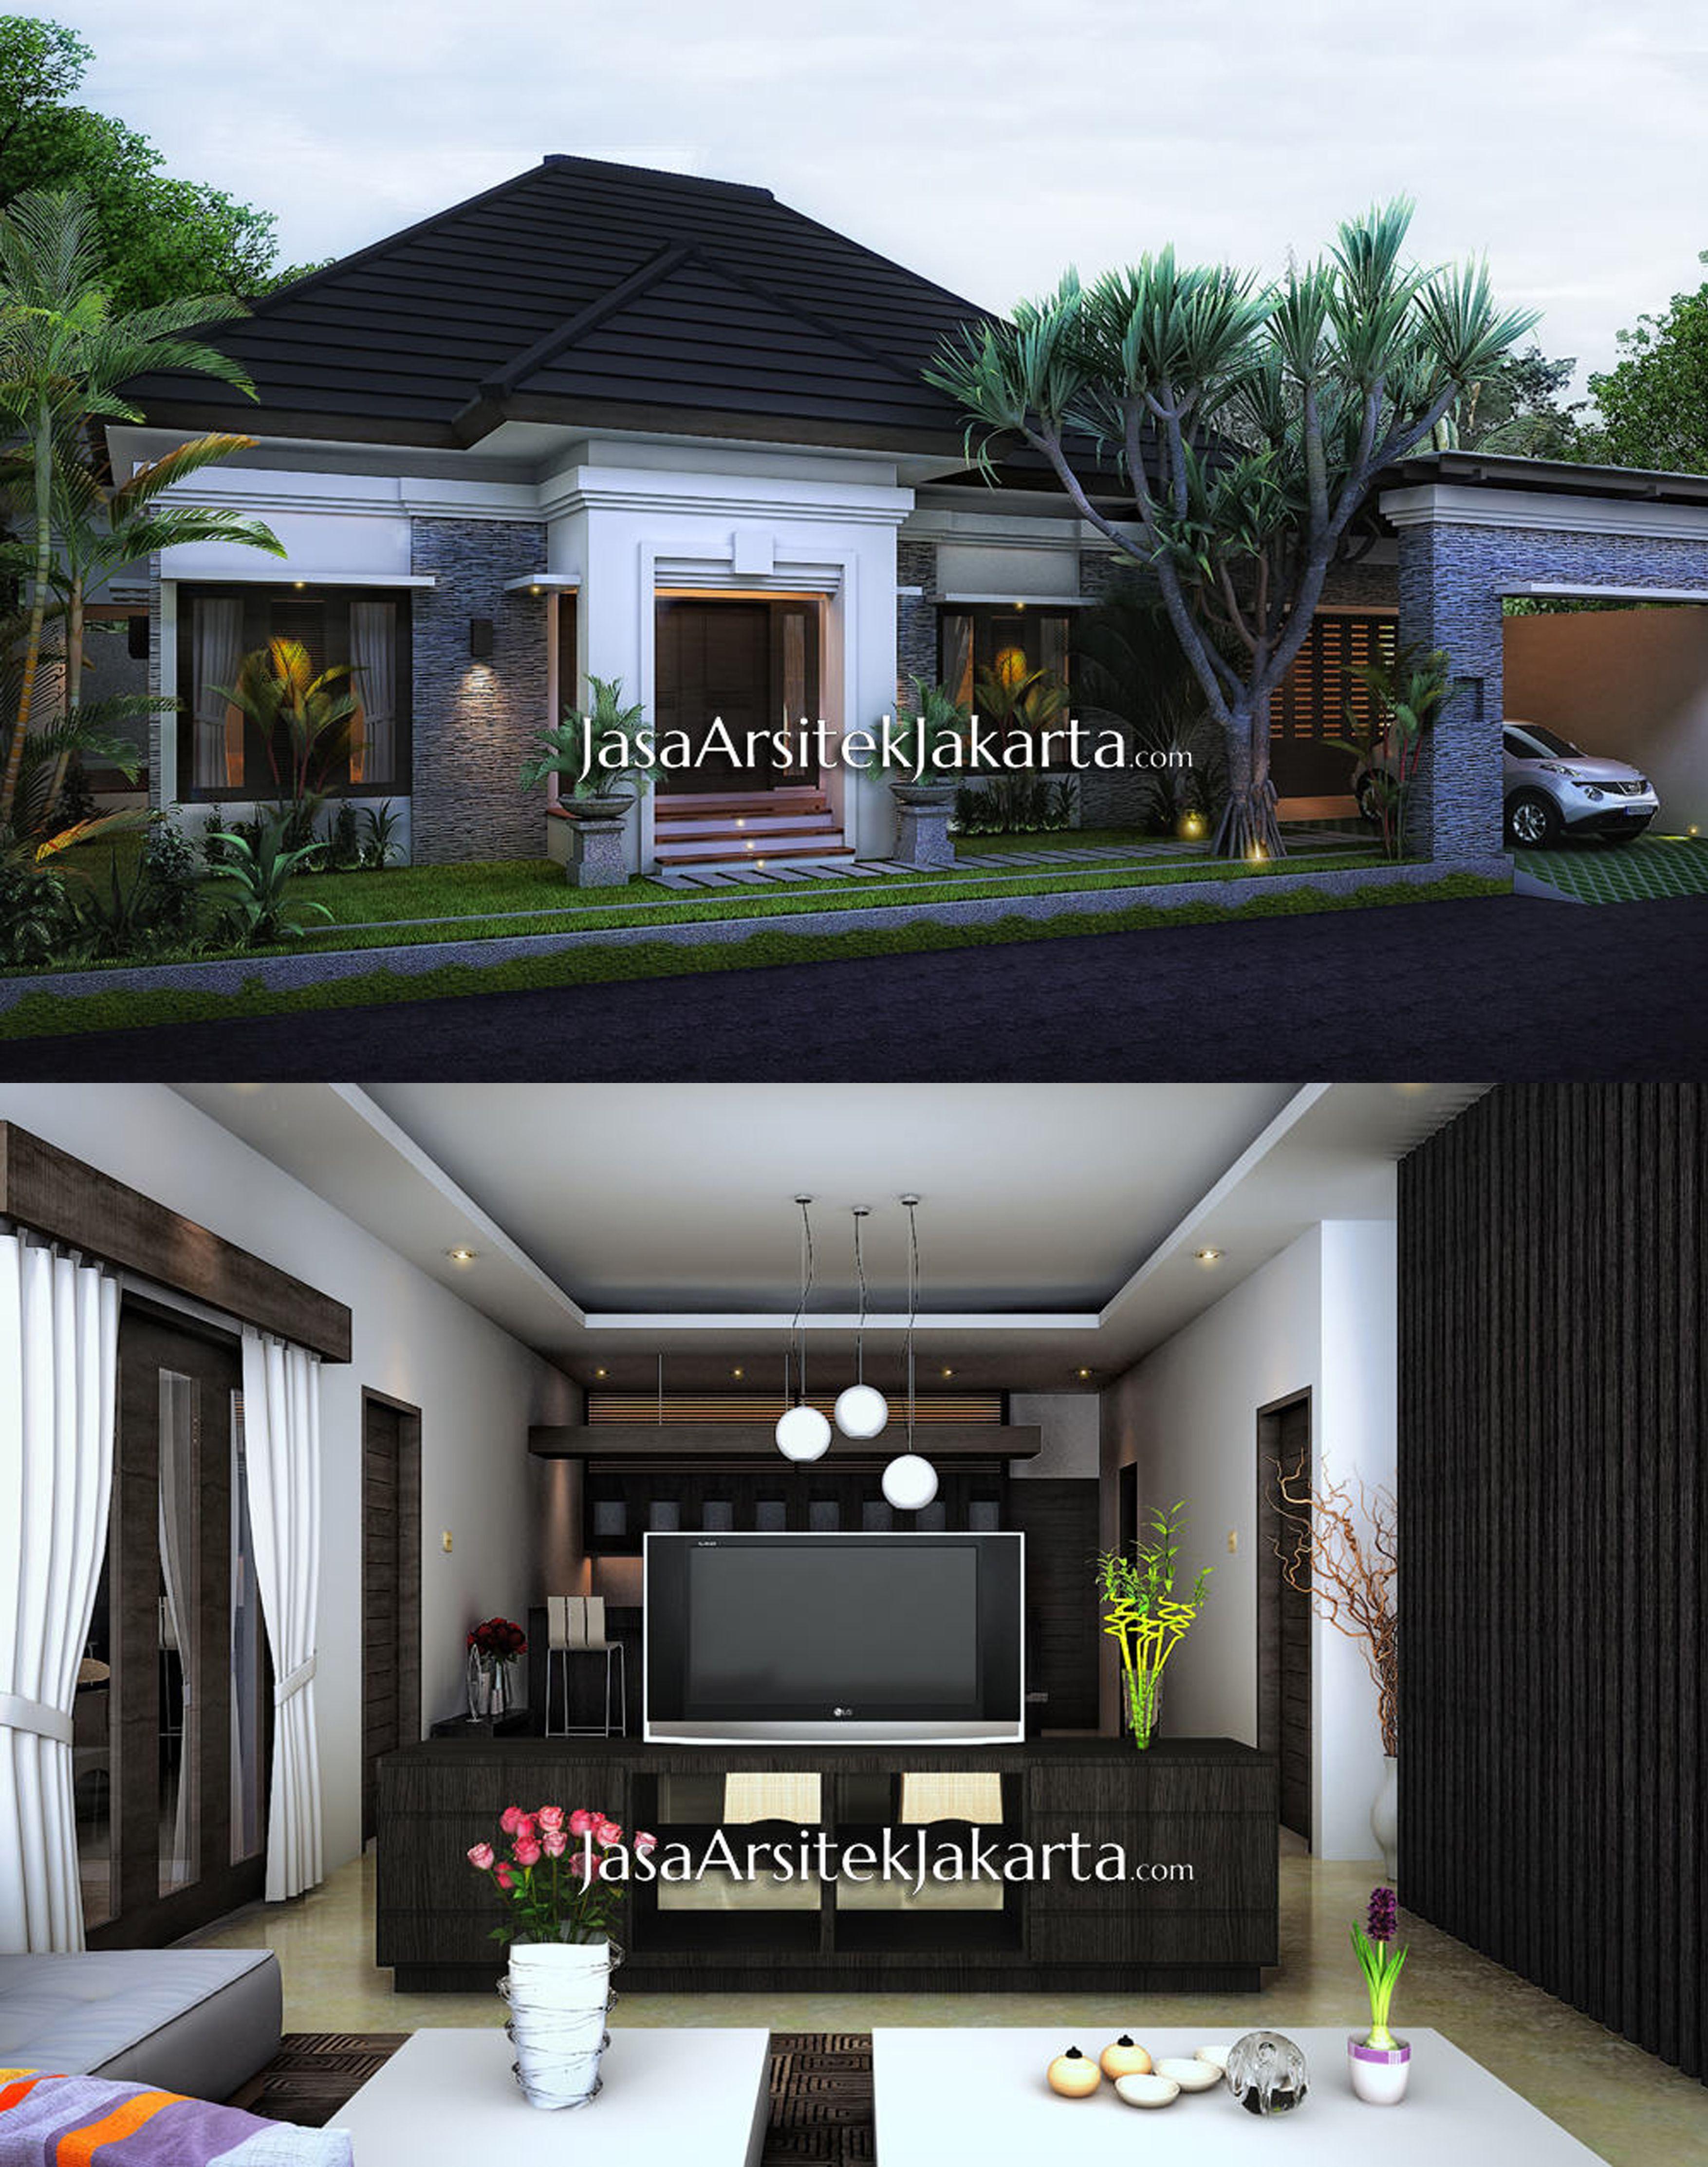 Desain Rumah Minimalis 1 Lantai Dengan Gaya Modern Memiliki Luasan 290m2 Berlokasi Di Riau Desain Rumah Bungalow Rumah Arsitektur Desain Rumah Kecil